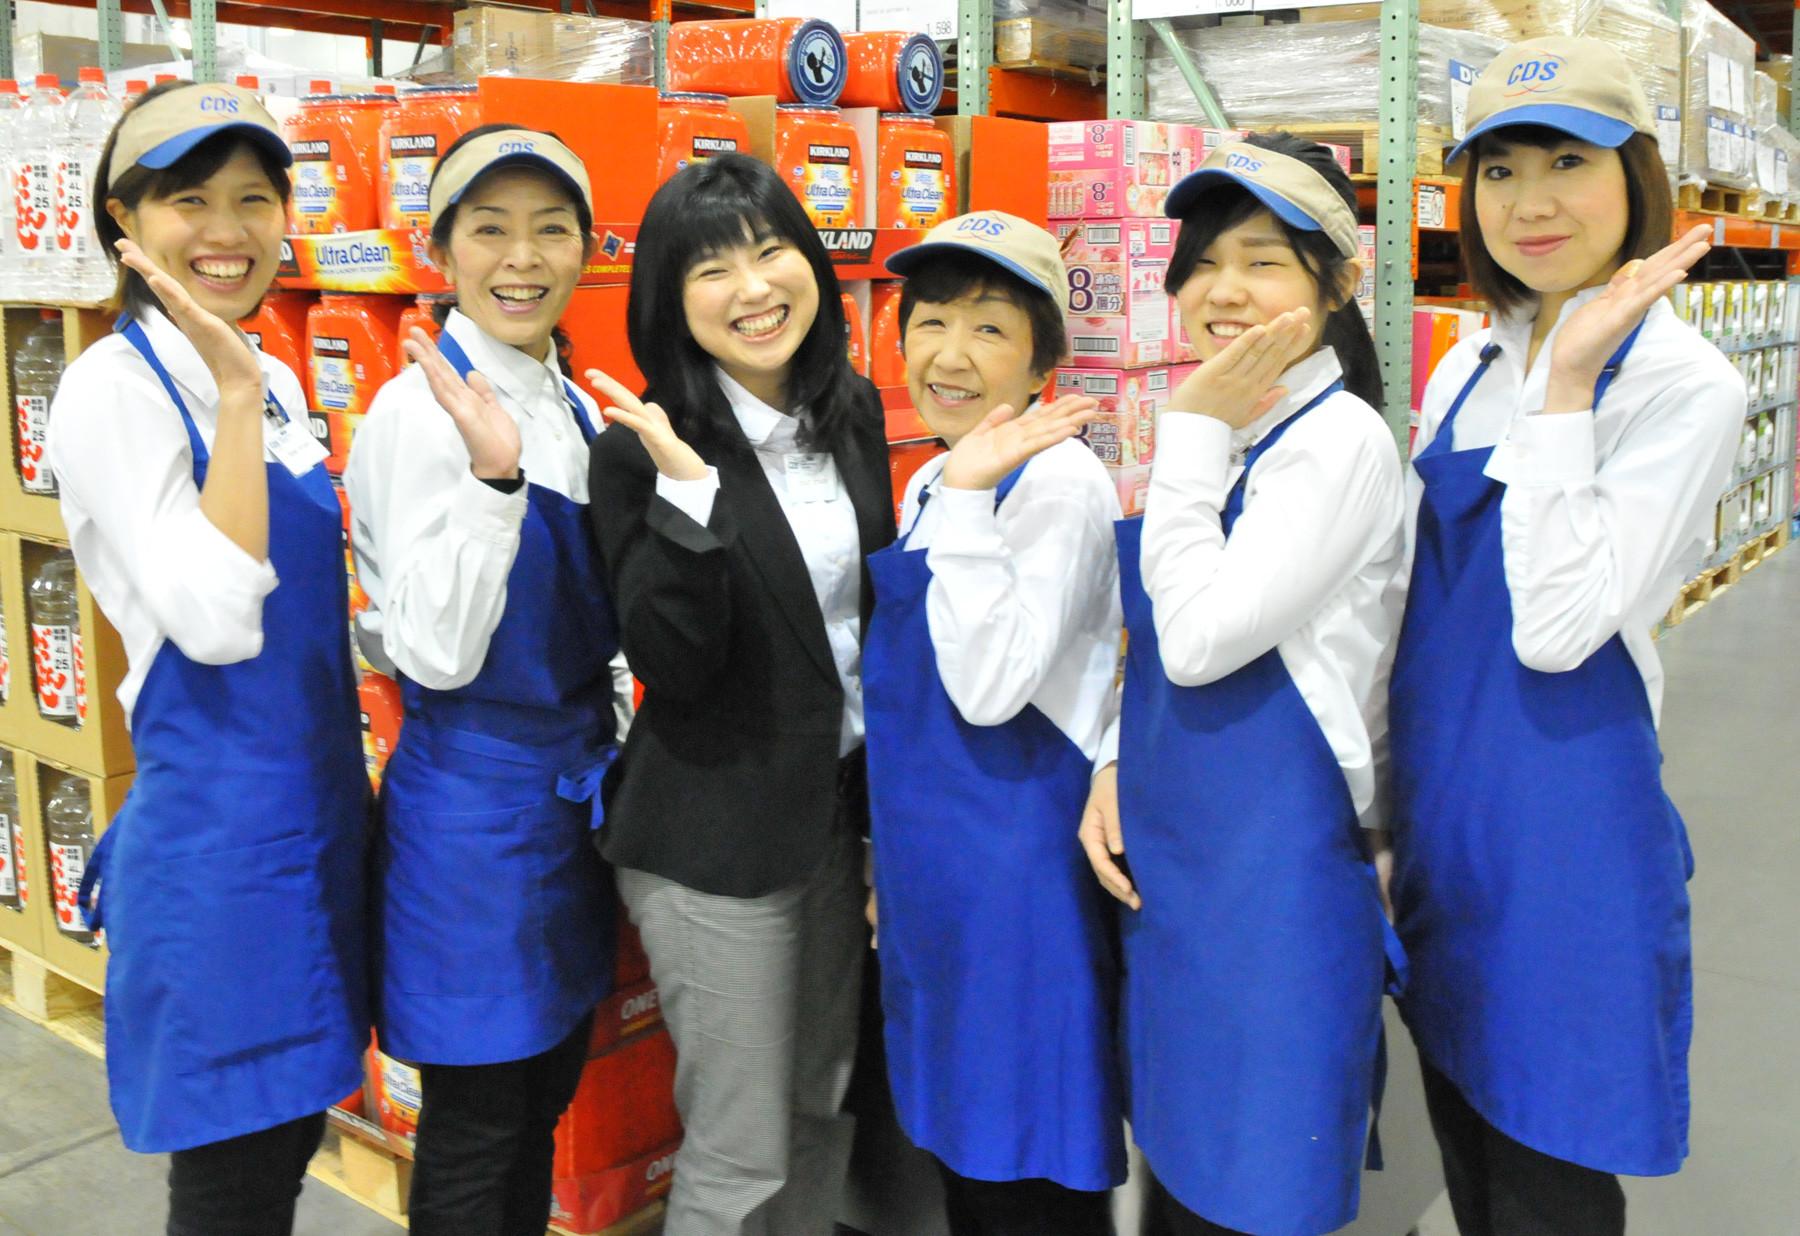 クラブ・デモンストレーション・サービシズ・インク コストコ北九州倉庫店のアルバイト情報